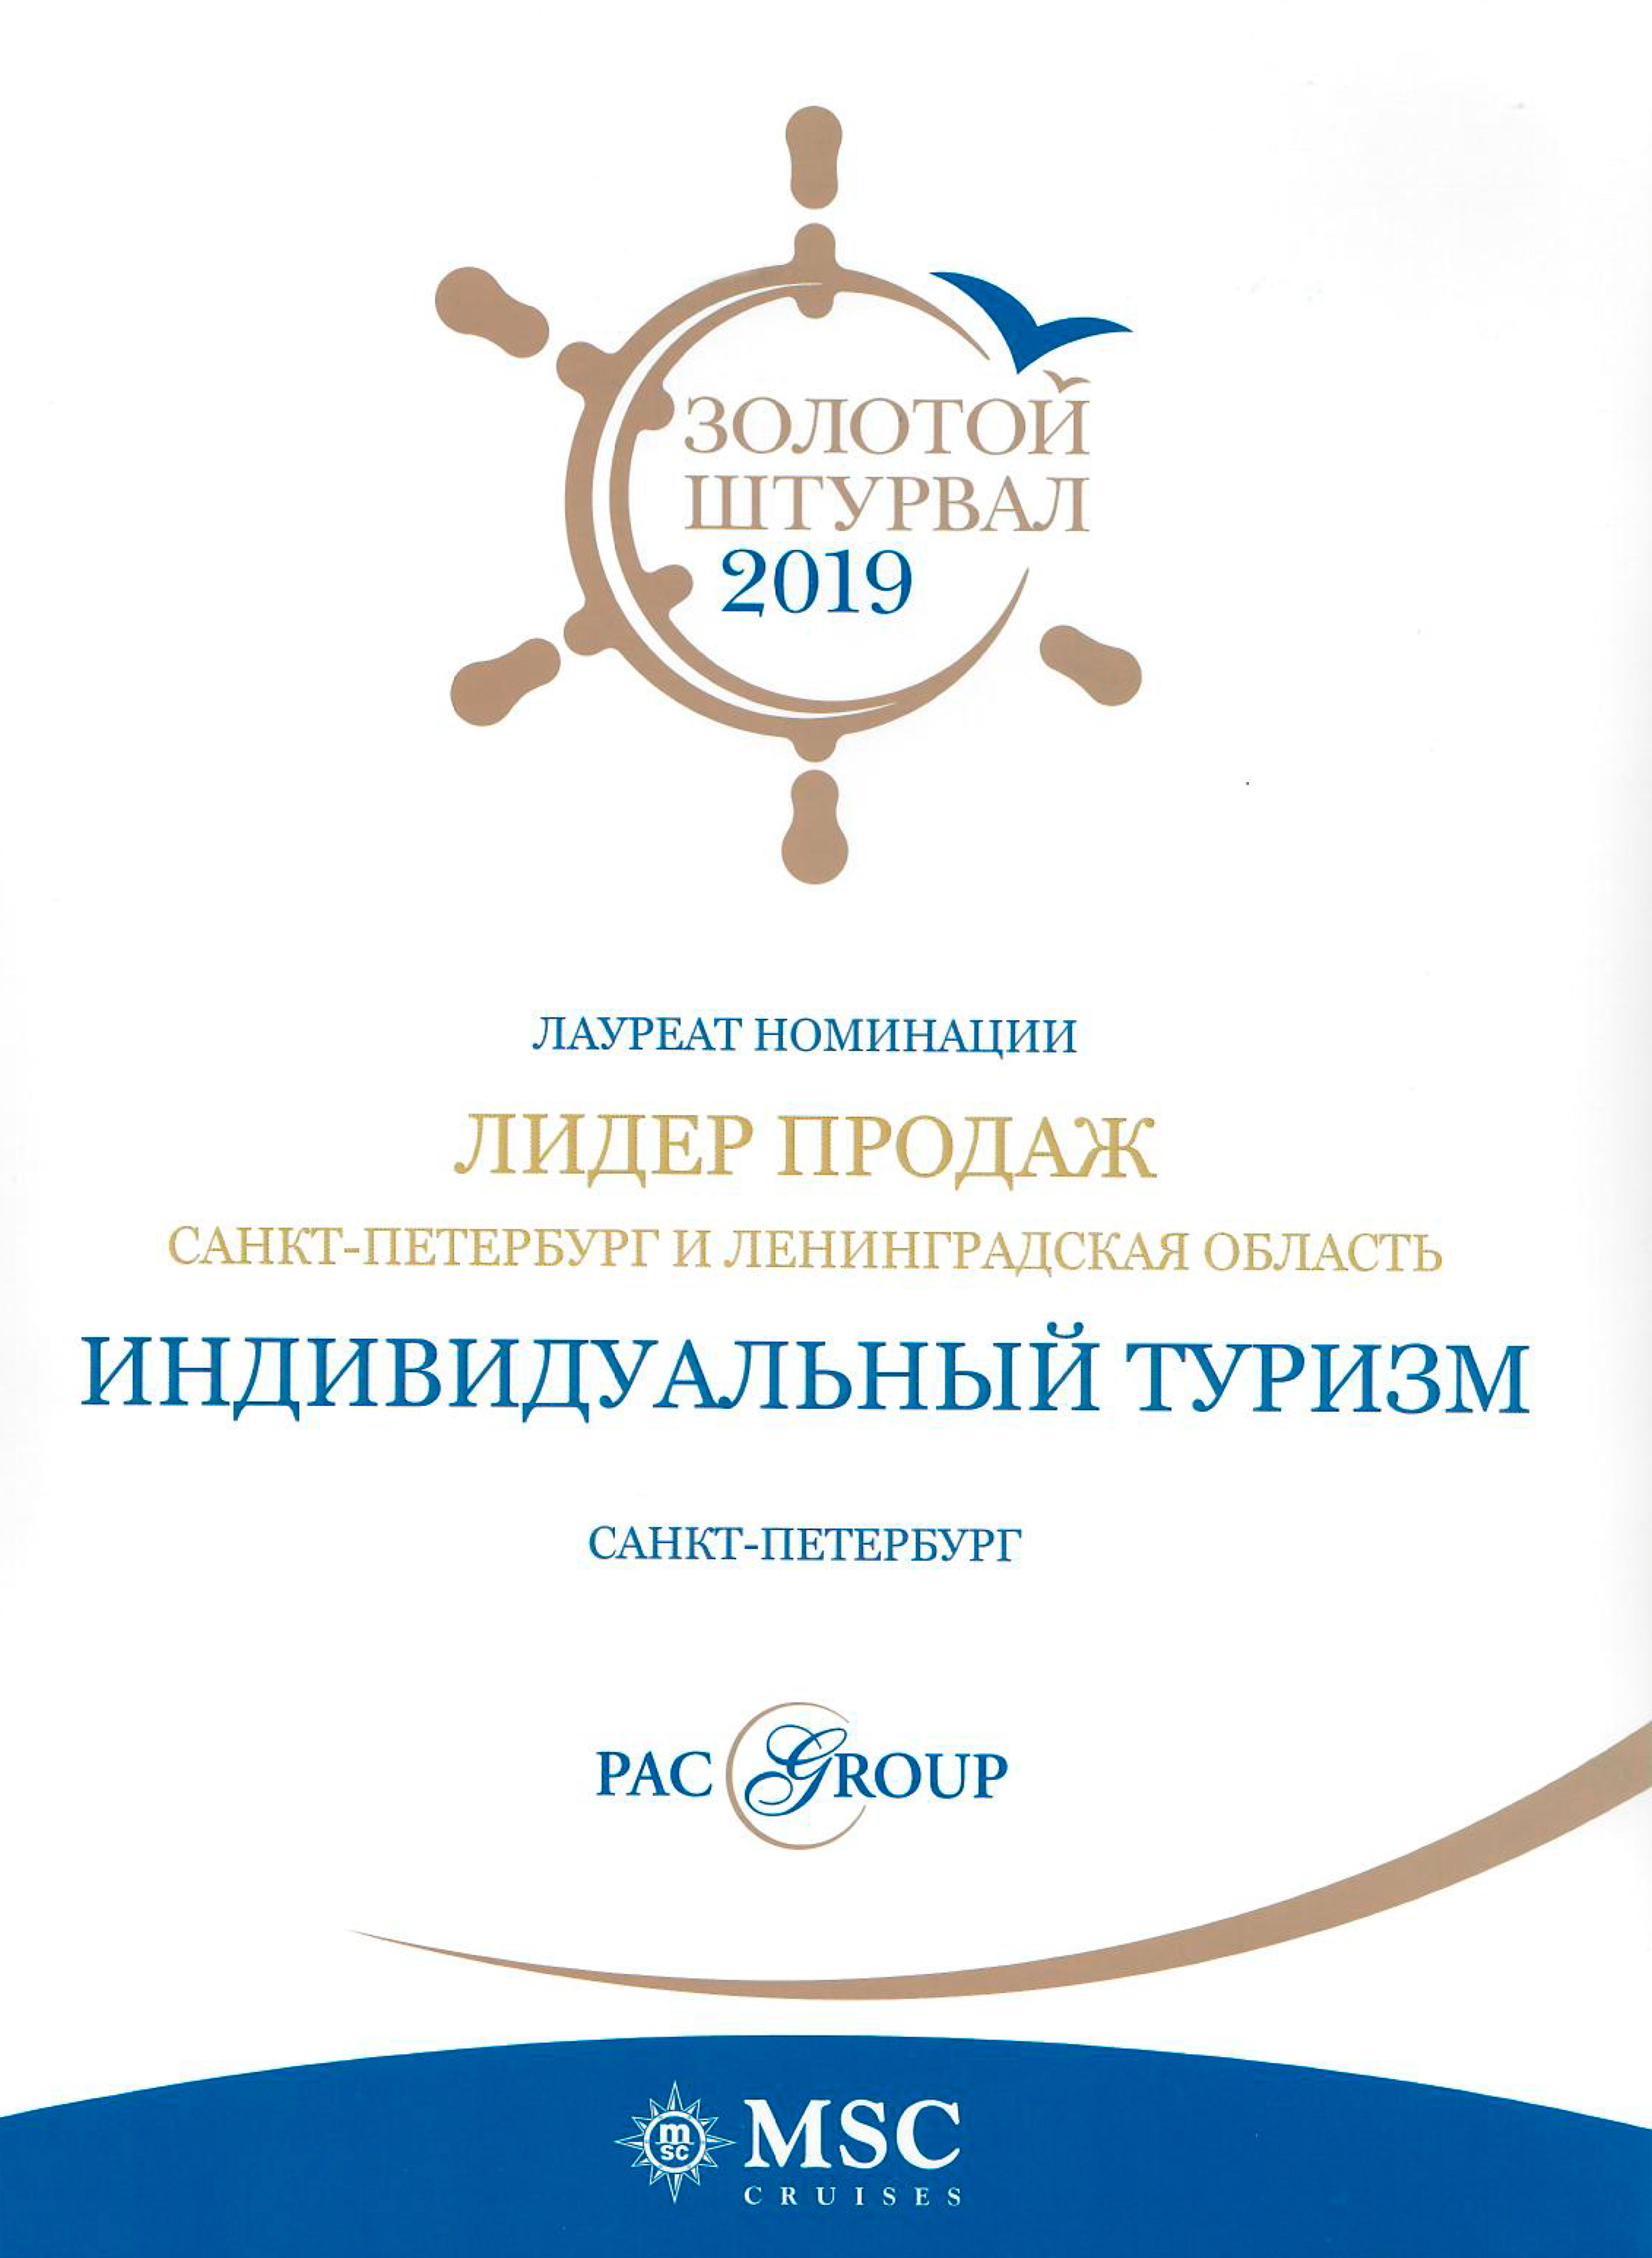 Награждение ООО Индивидуальный туризм PAC Group Золотой штурвал